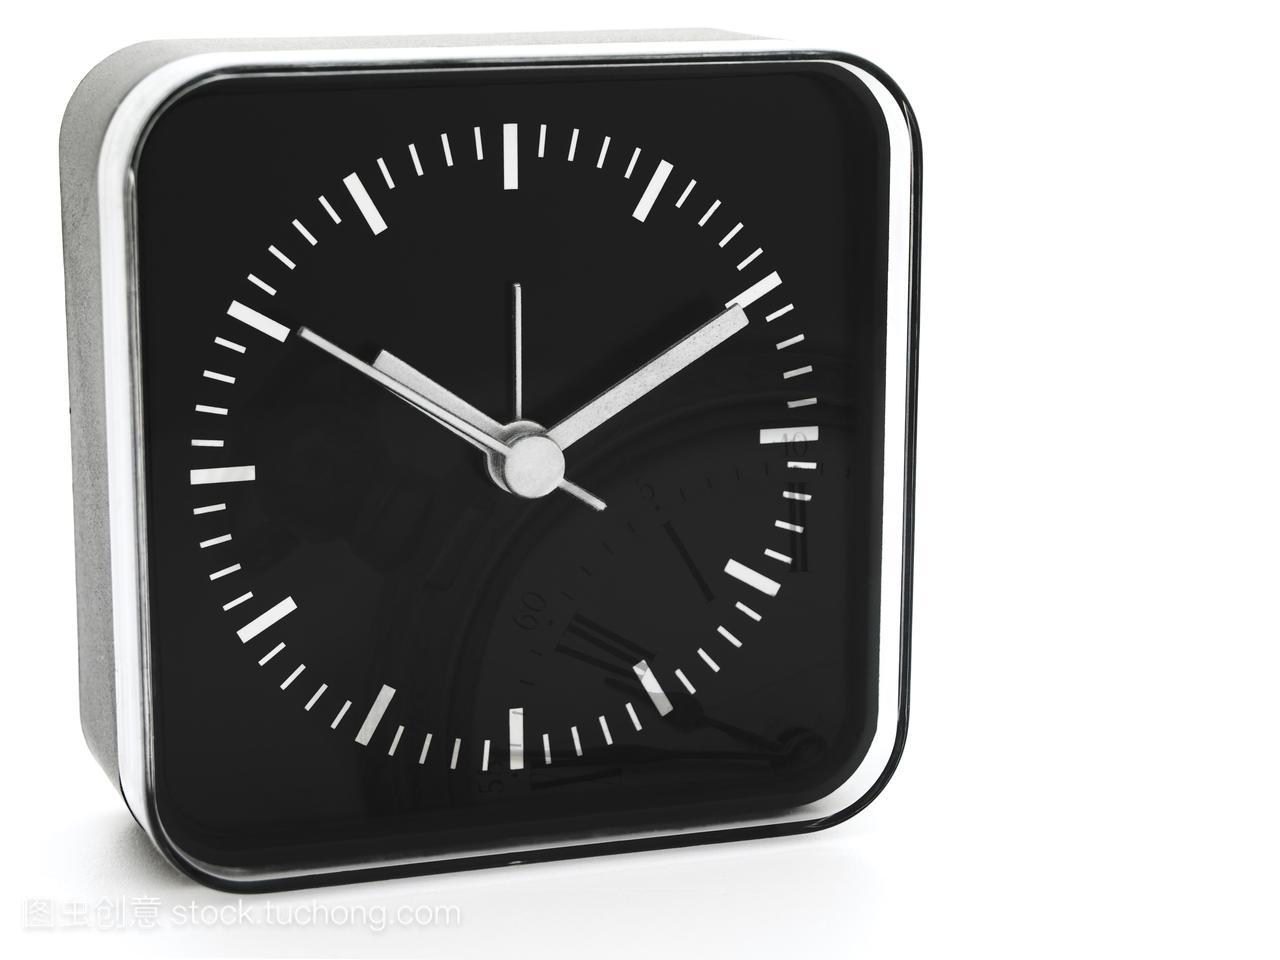 标记,时钟,时间,钟头,机械,钟面,最后期限,闹钟,一